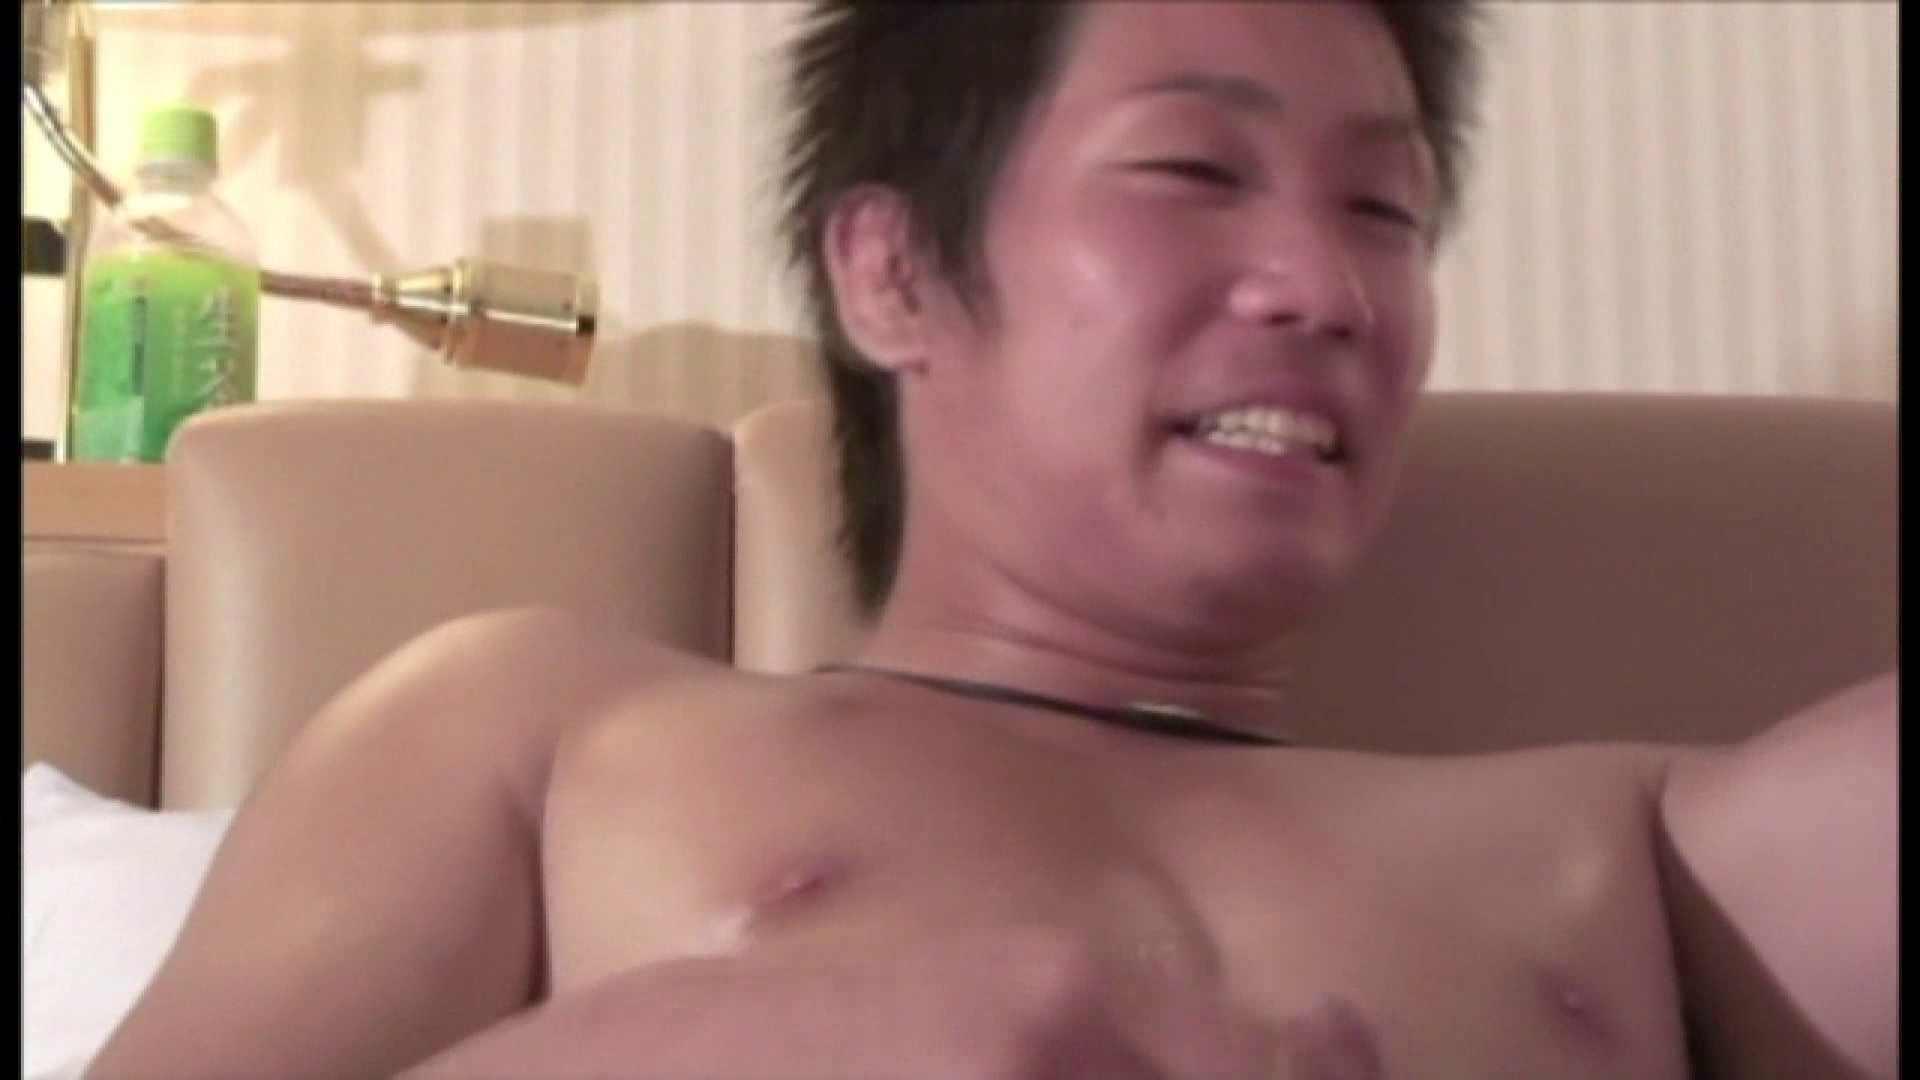 ノンケイケメンの欲望と肉棒 Vol.25 エロ  90pic 28